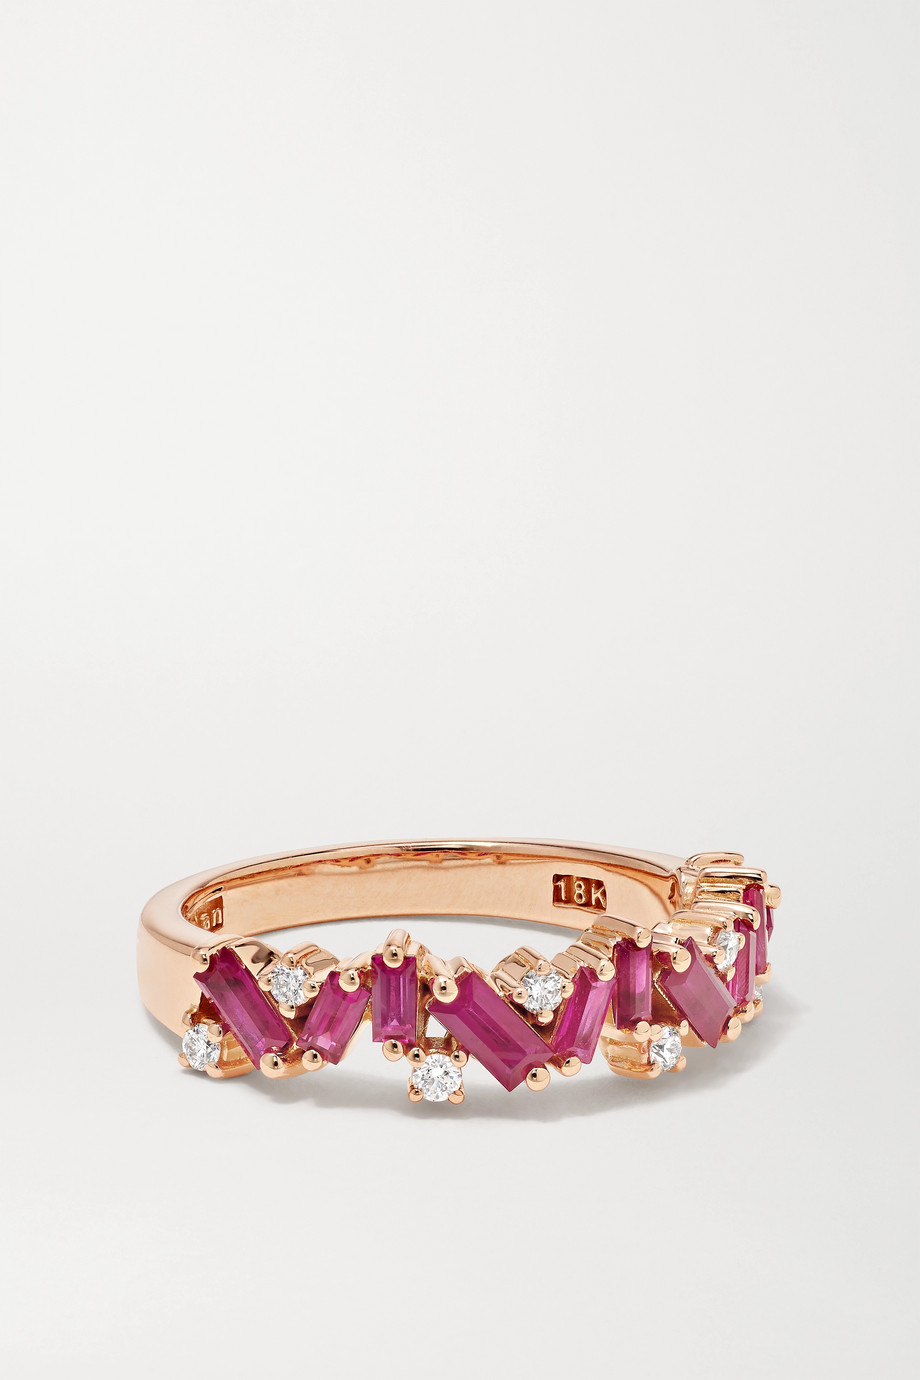 Suzanne Kalan Ring aus 18 Karat Roségold mit Rubinen und Diamanten